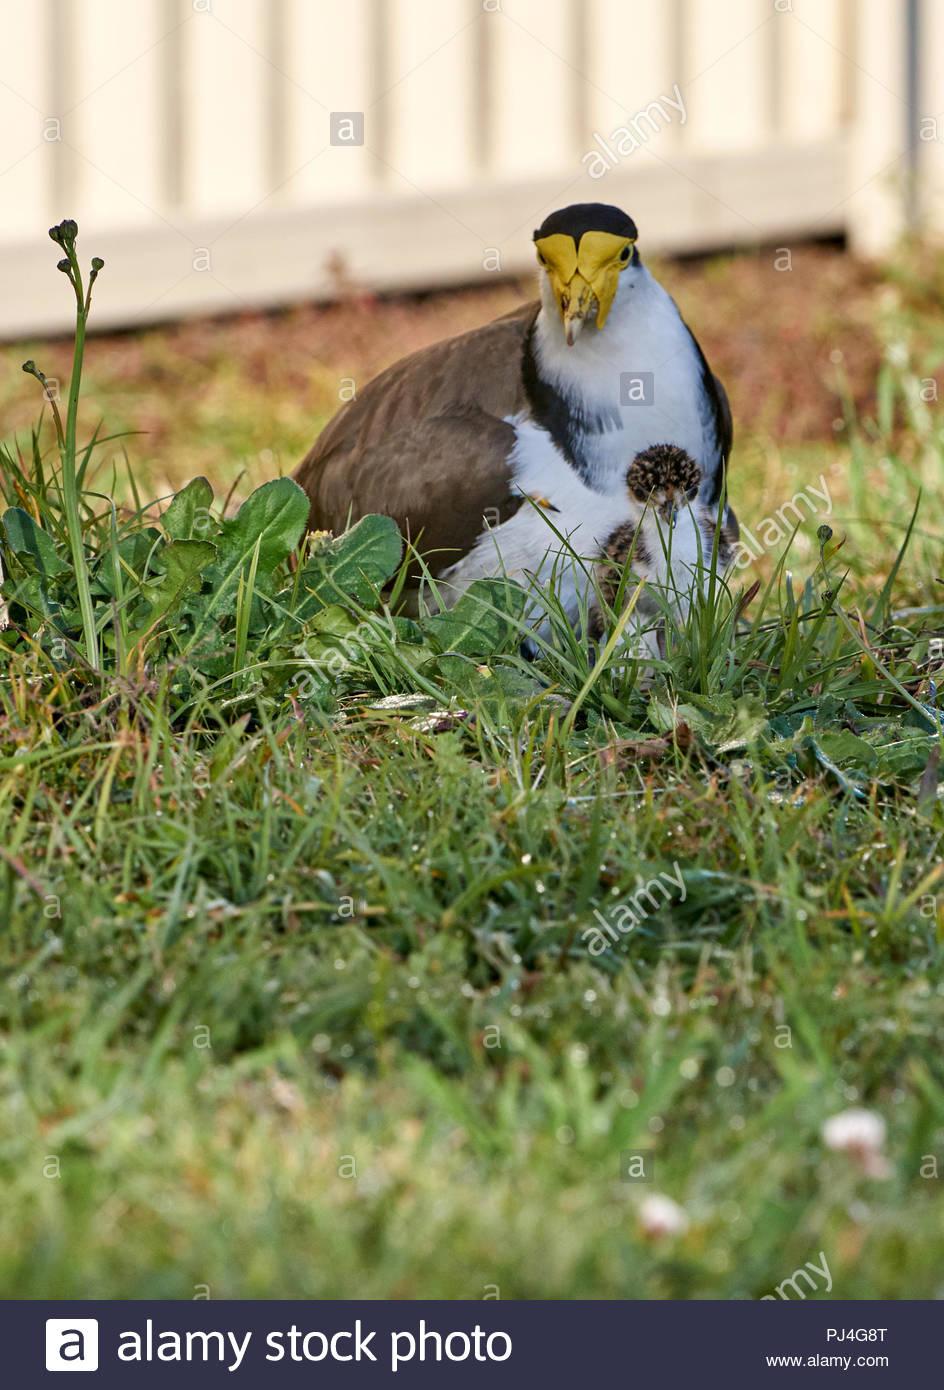 Un Siffleur(Vanellus miles) - Vanneau Masqué - assis sur son nid, avec une nichée de poussins nouvellement éclos à côté, dans l'après-midi ensoleillé. Photo Stock